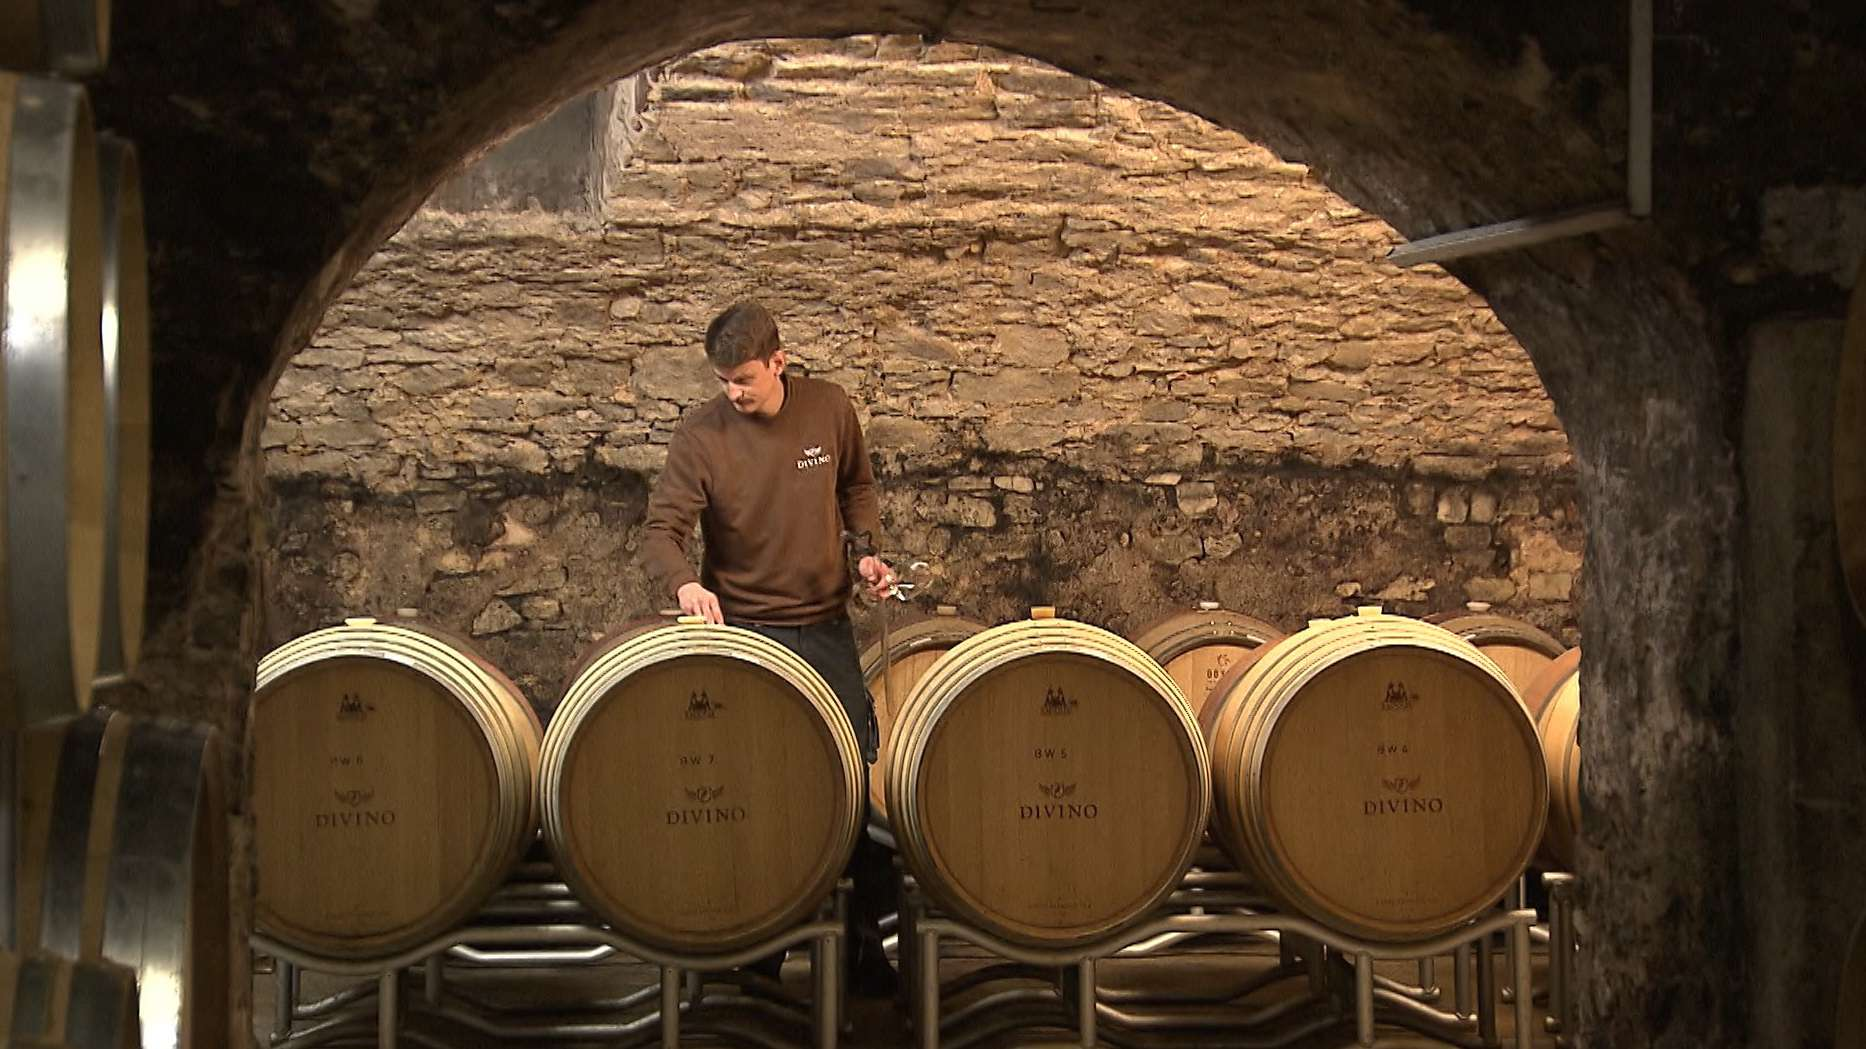 Weinkeller der Winzergenossenschaft Divino Nordheim